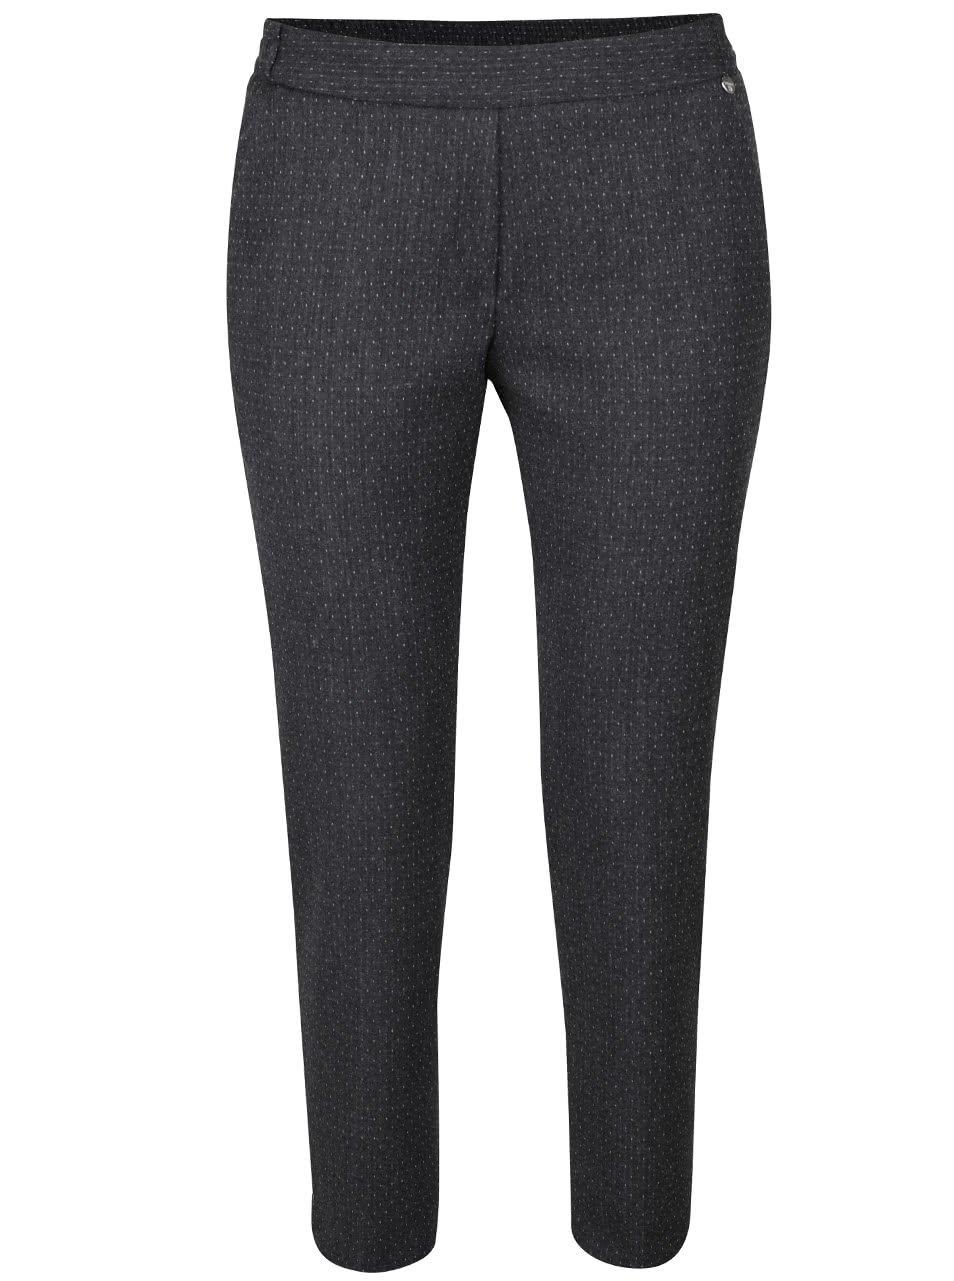 Tmavě šedé volnější kalhoty s jemným vzorem Rich & Royal